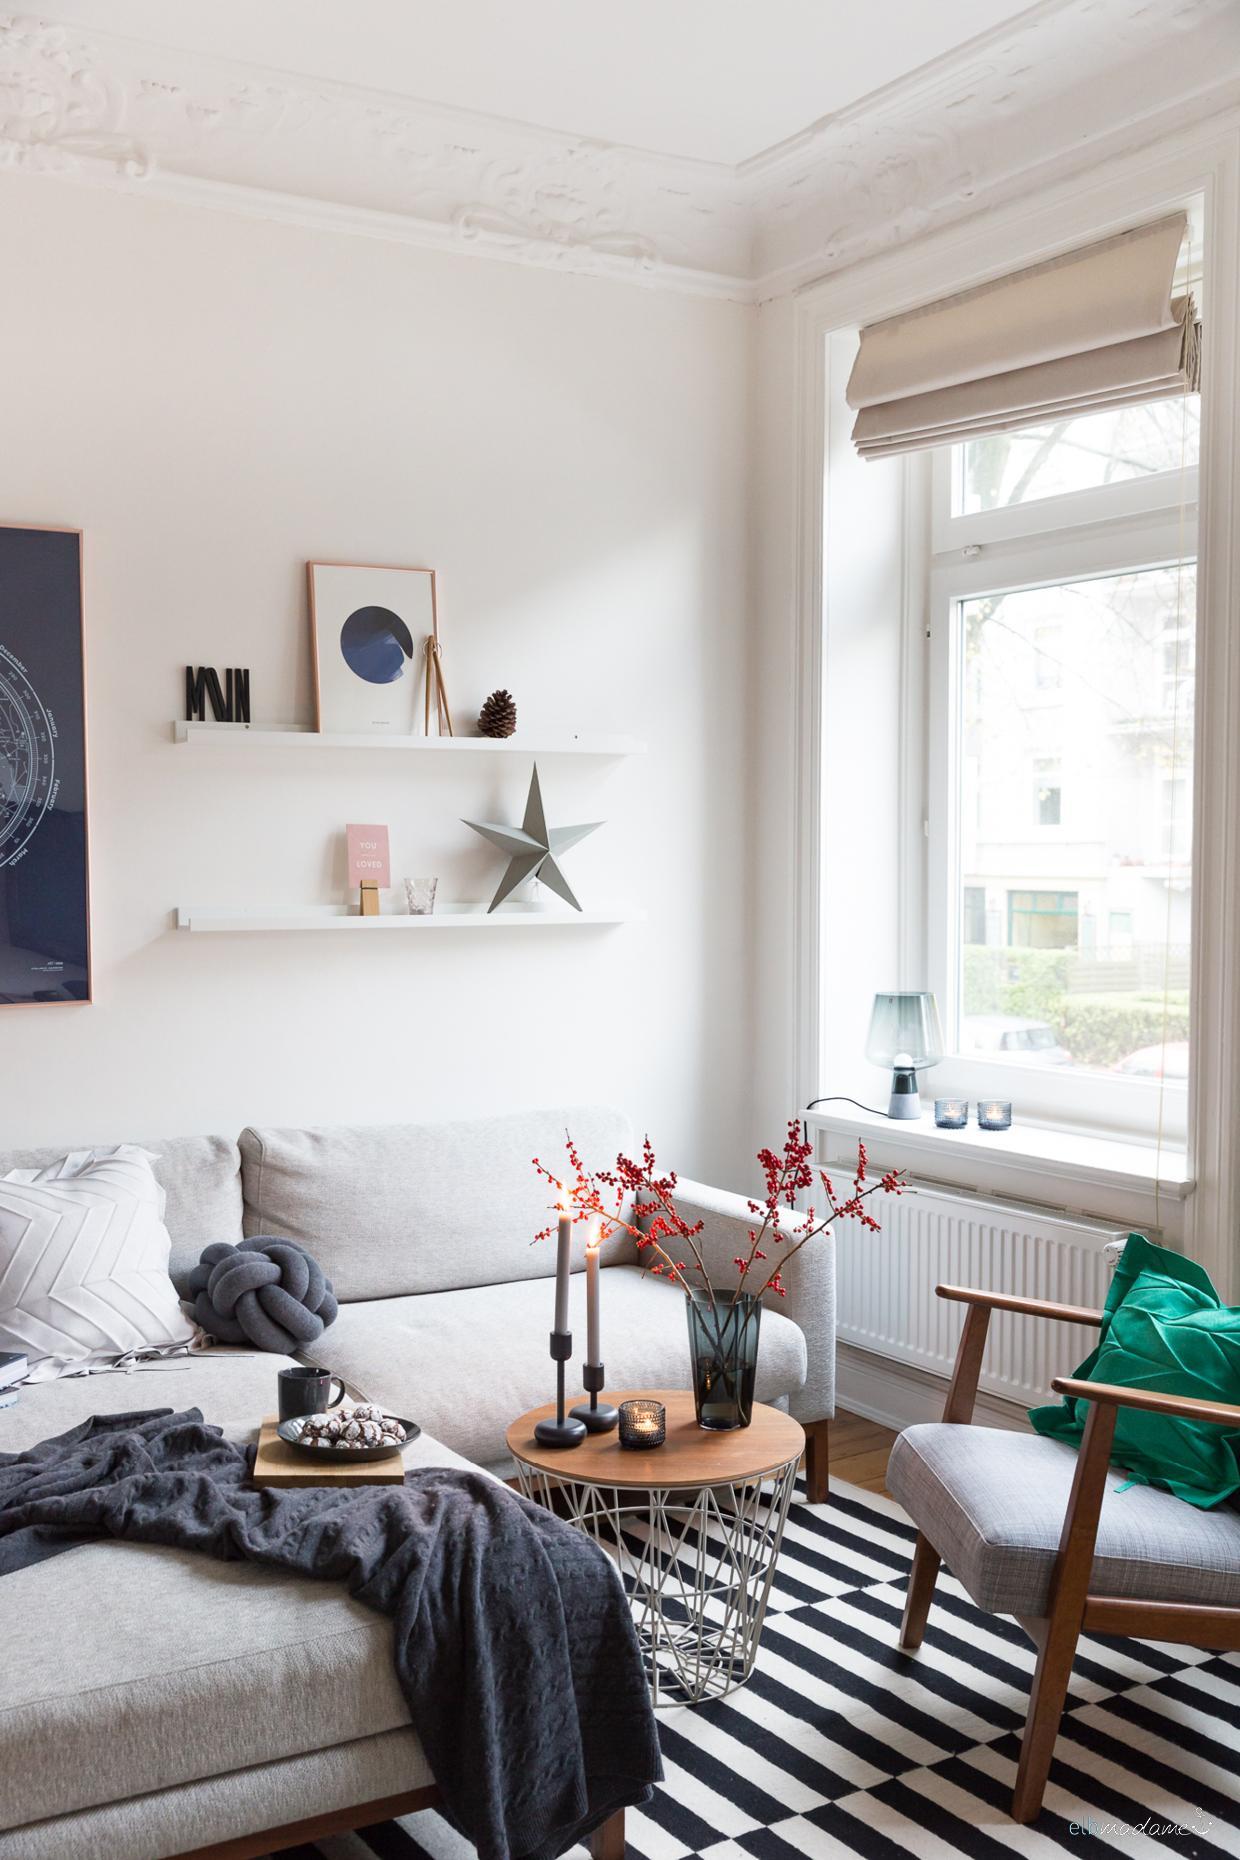 Bilder Wohnzimmer Ideen wohnzimmer bilder ideen couchstyle